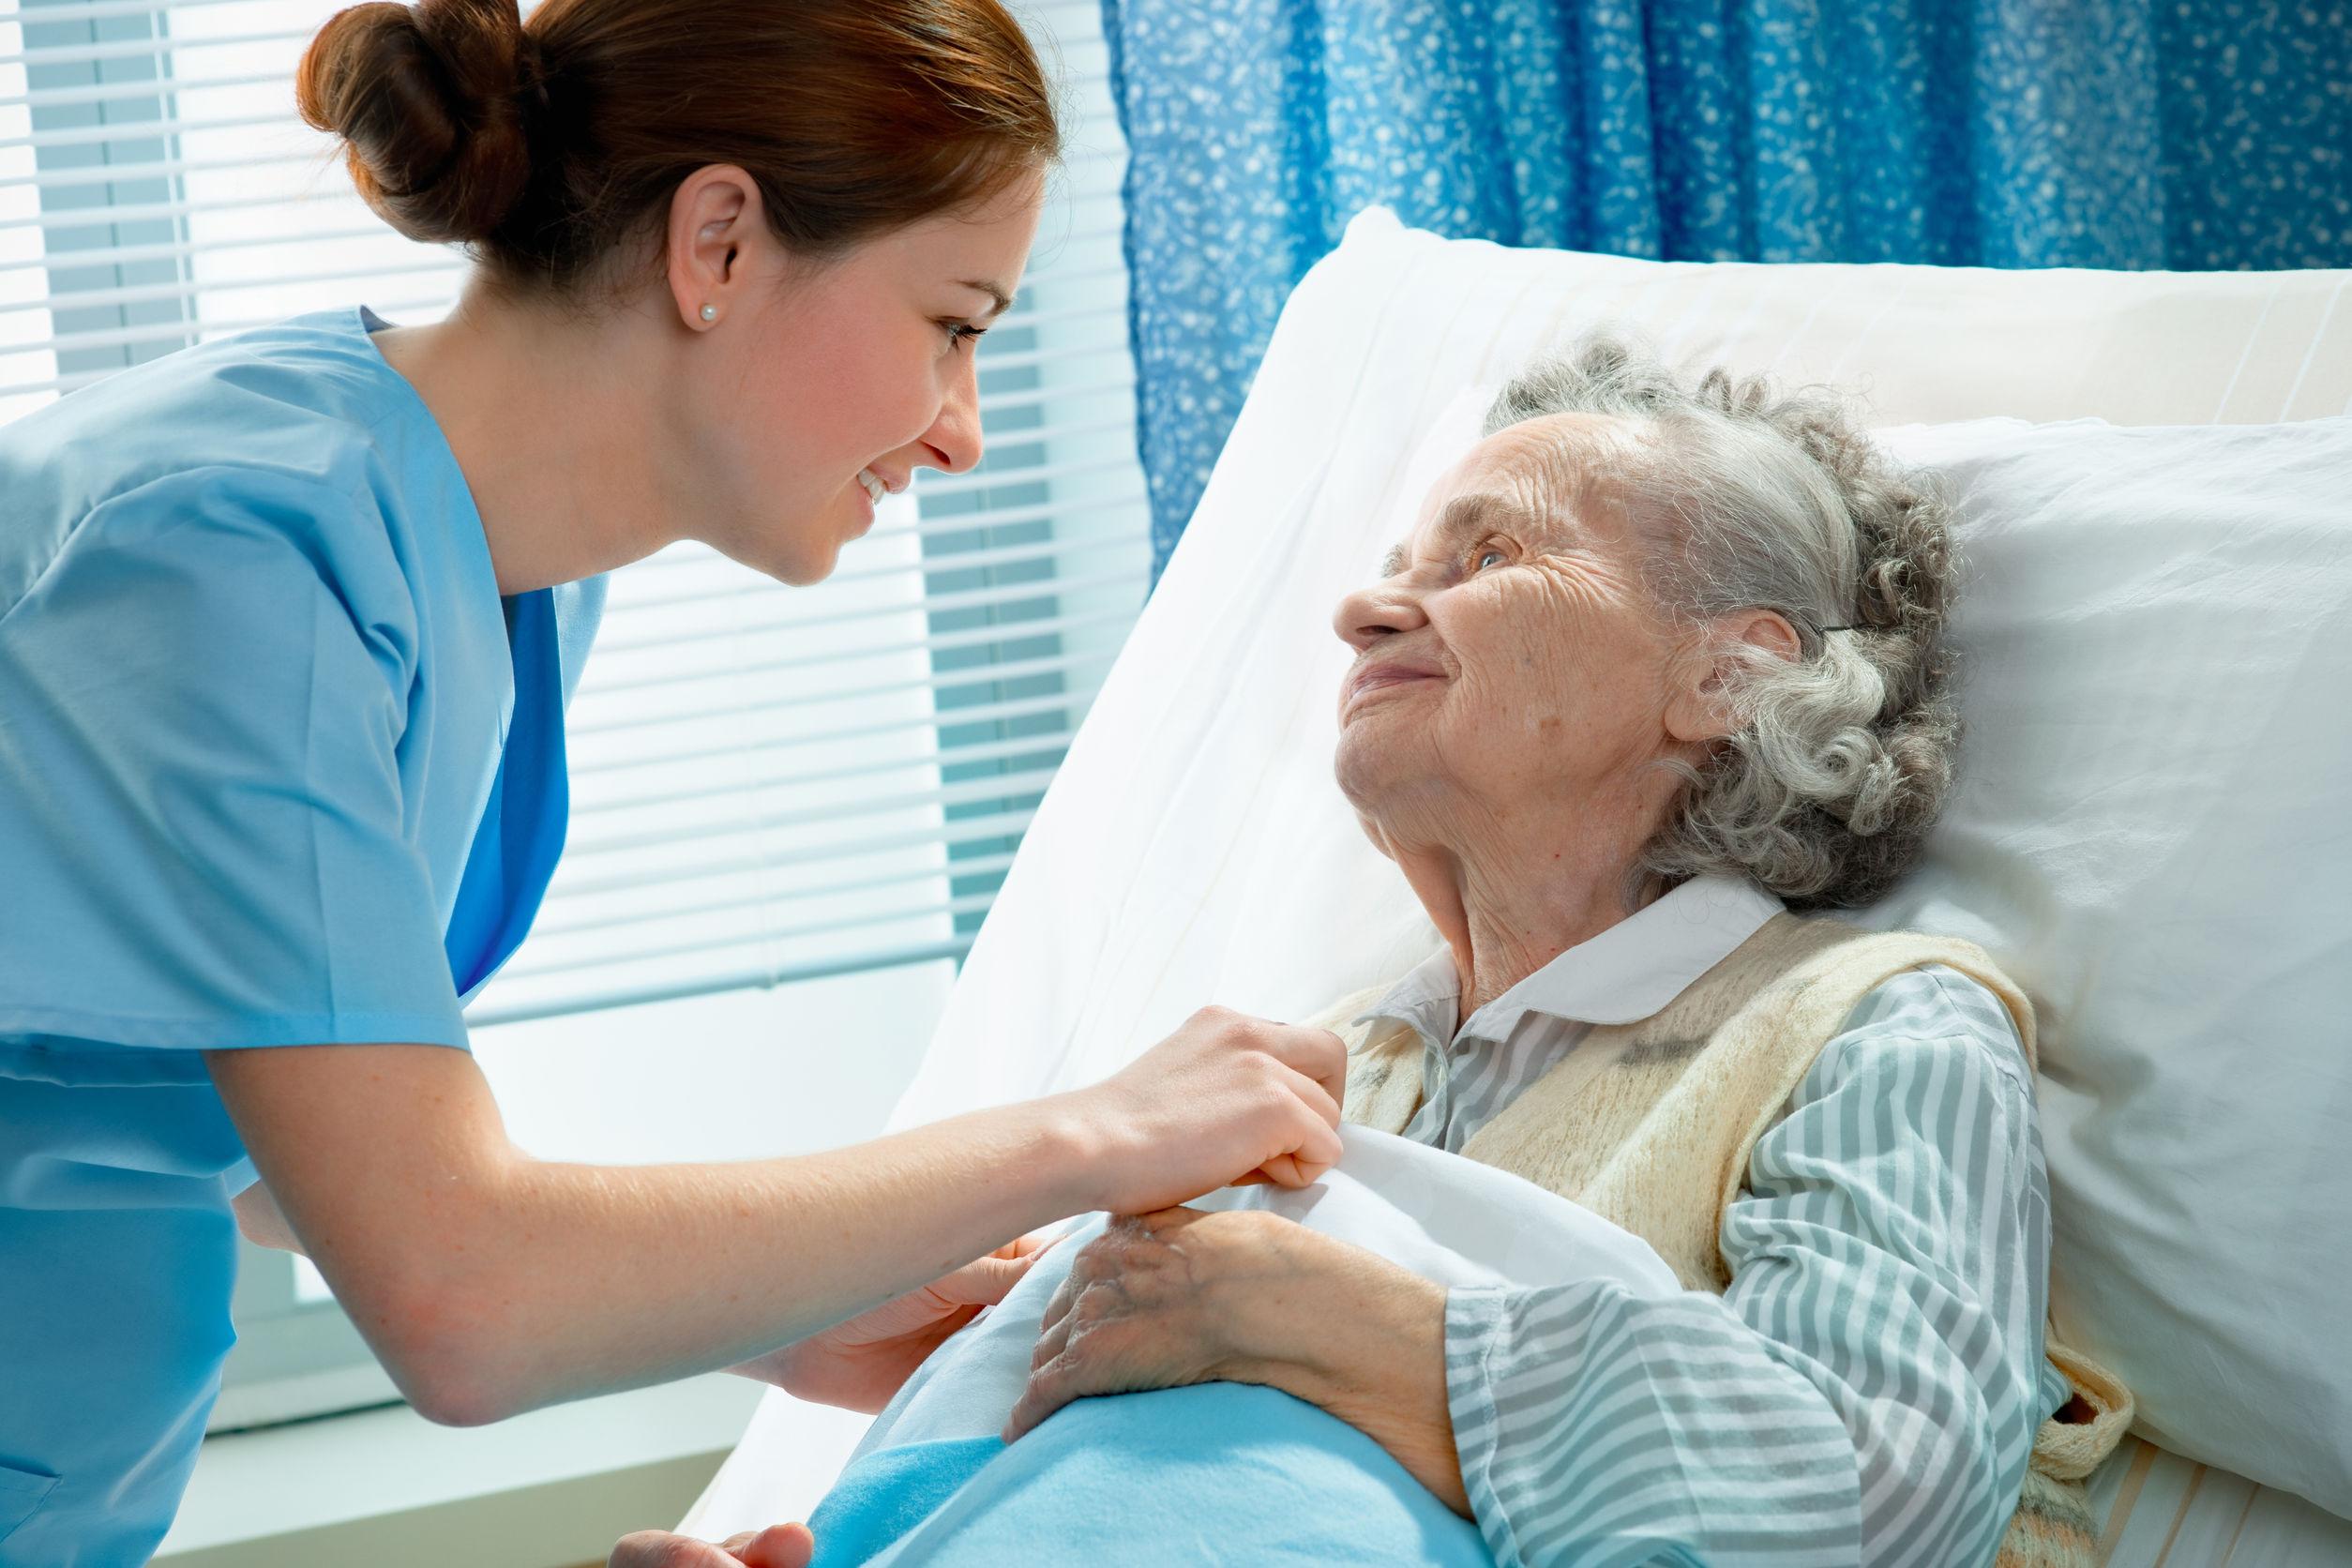 Soggiorni estivi per anziani alla Valdisieve Hospital